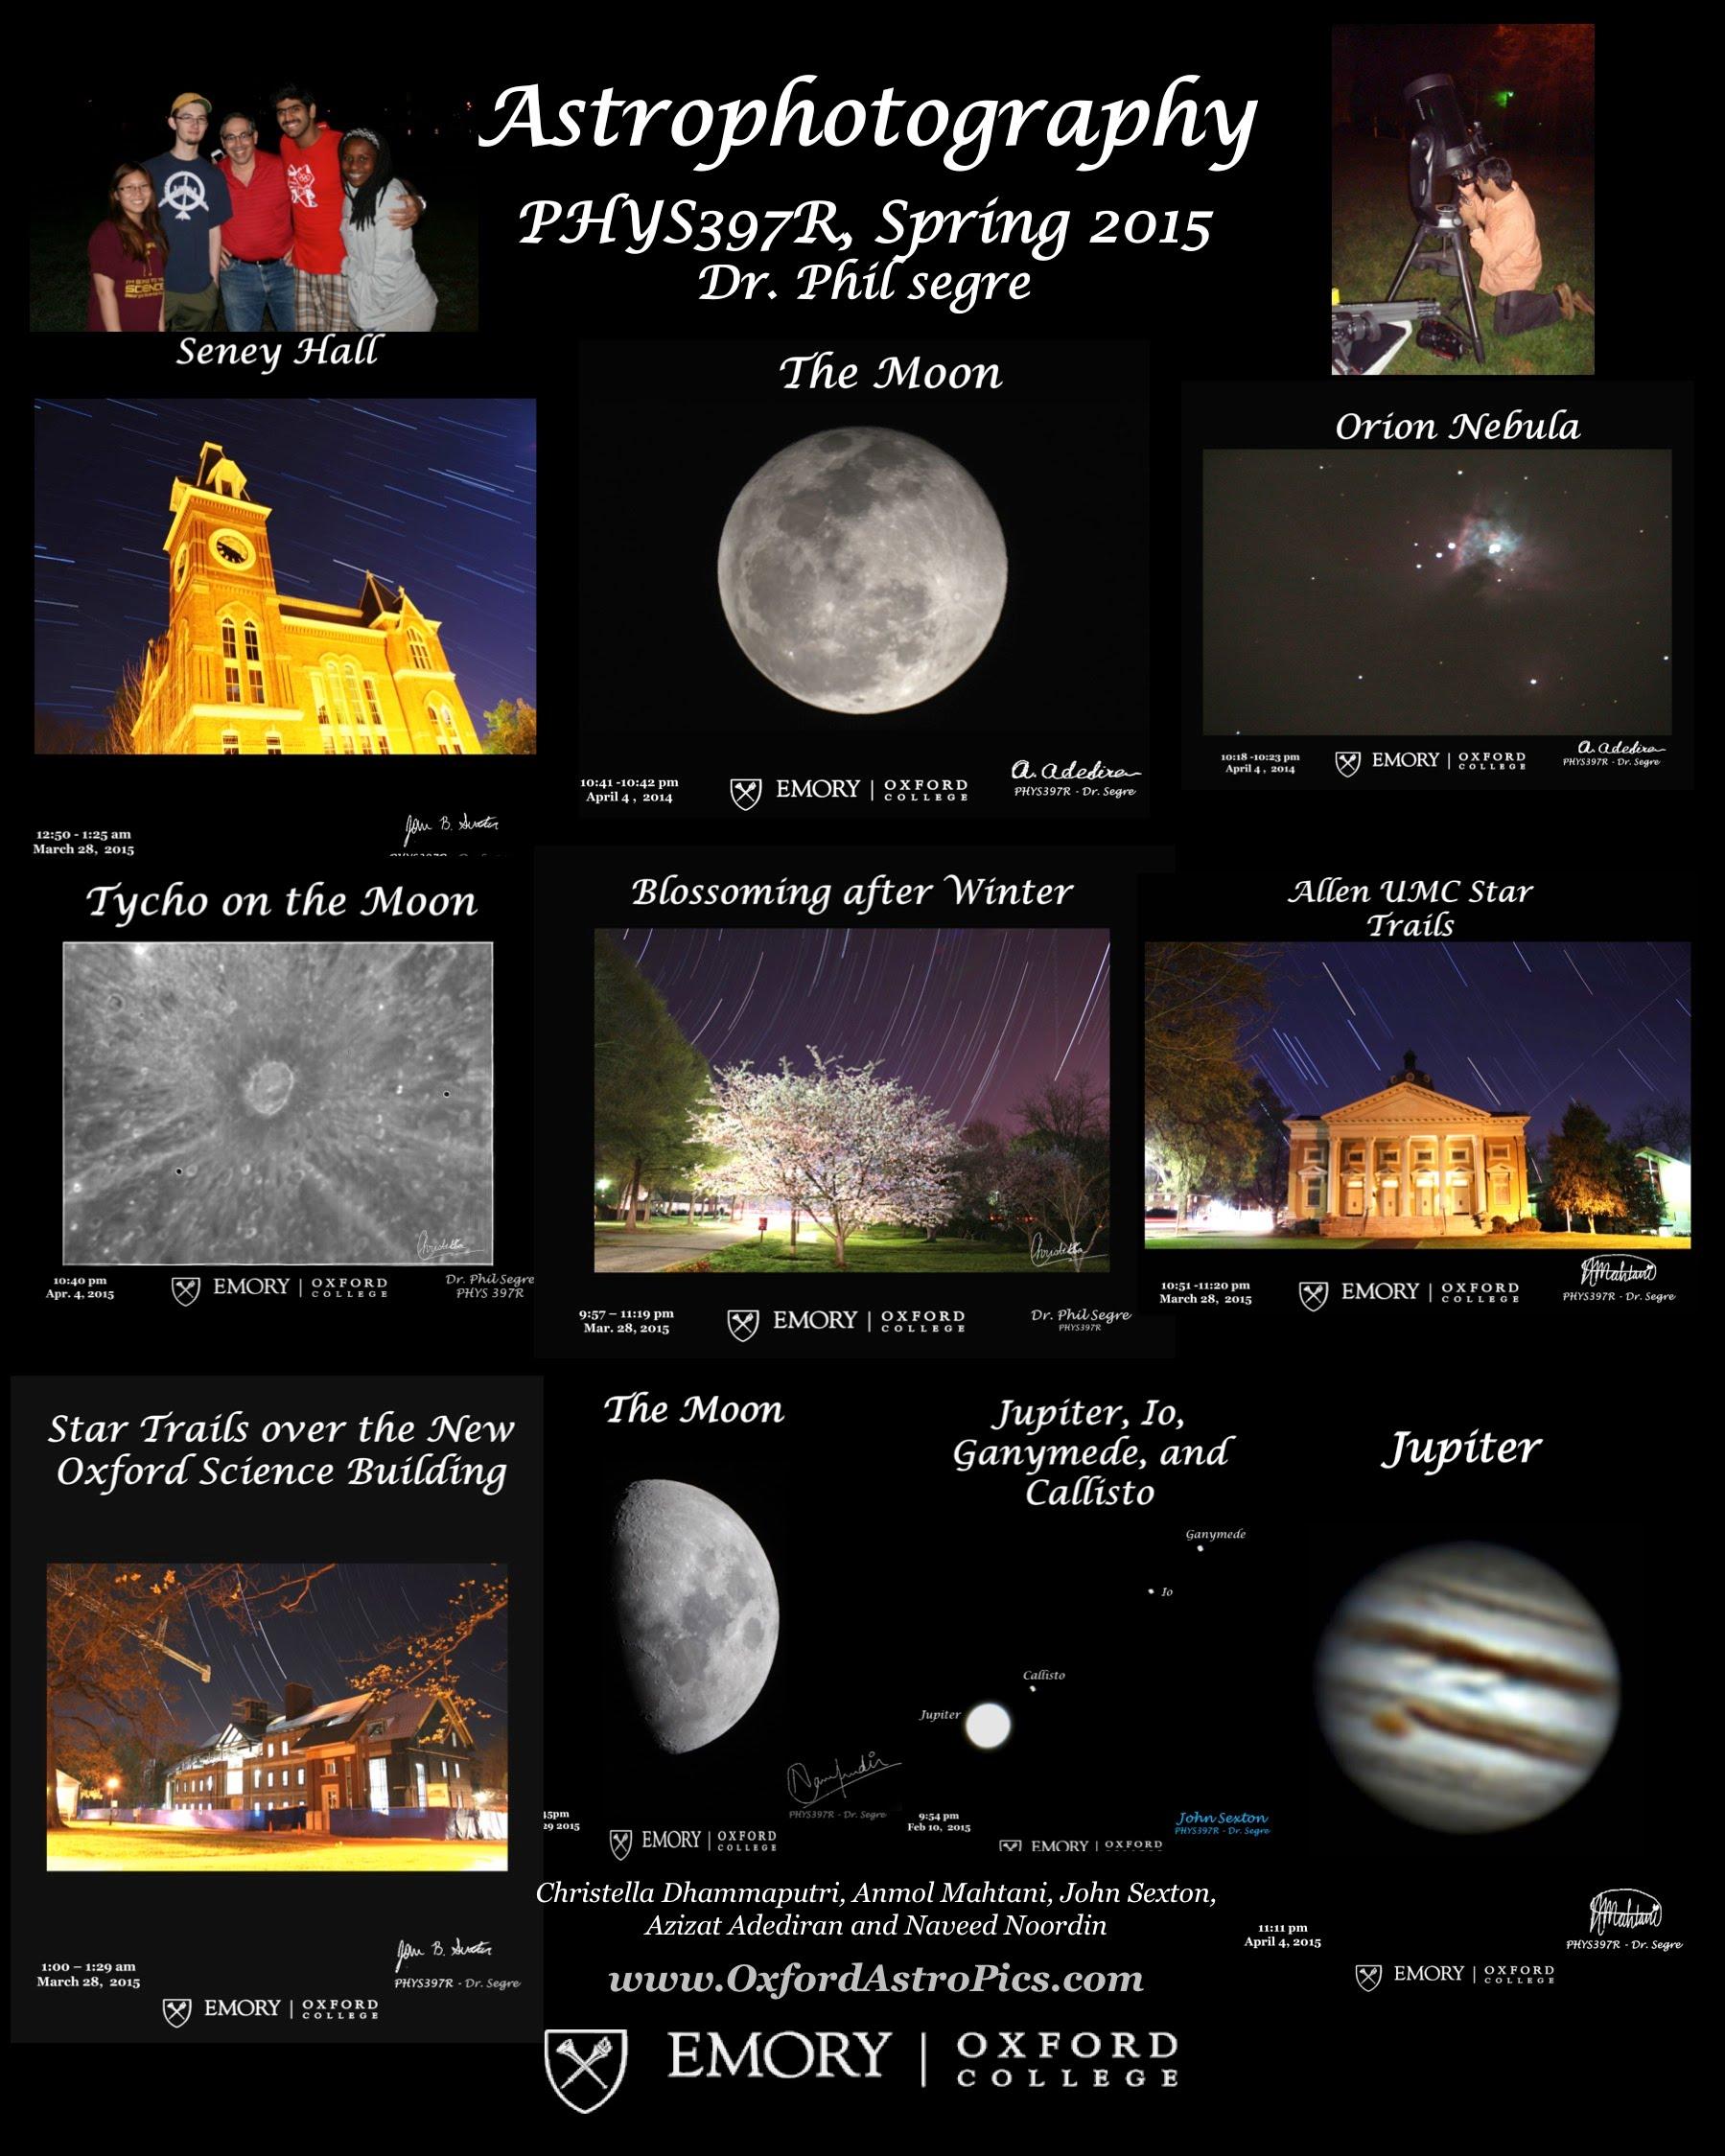 https://terroba.smugmug.com/Astronomy/Student-Photos/ASTR116-Spring-2018/